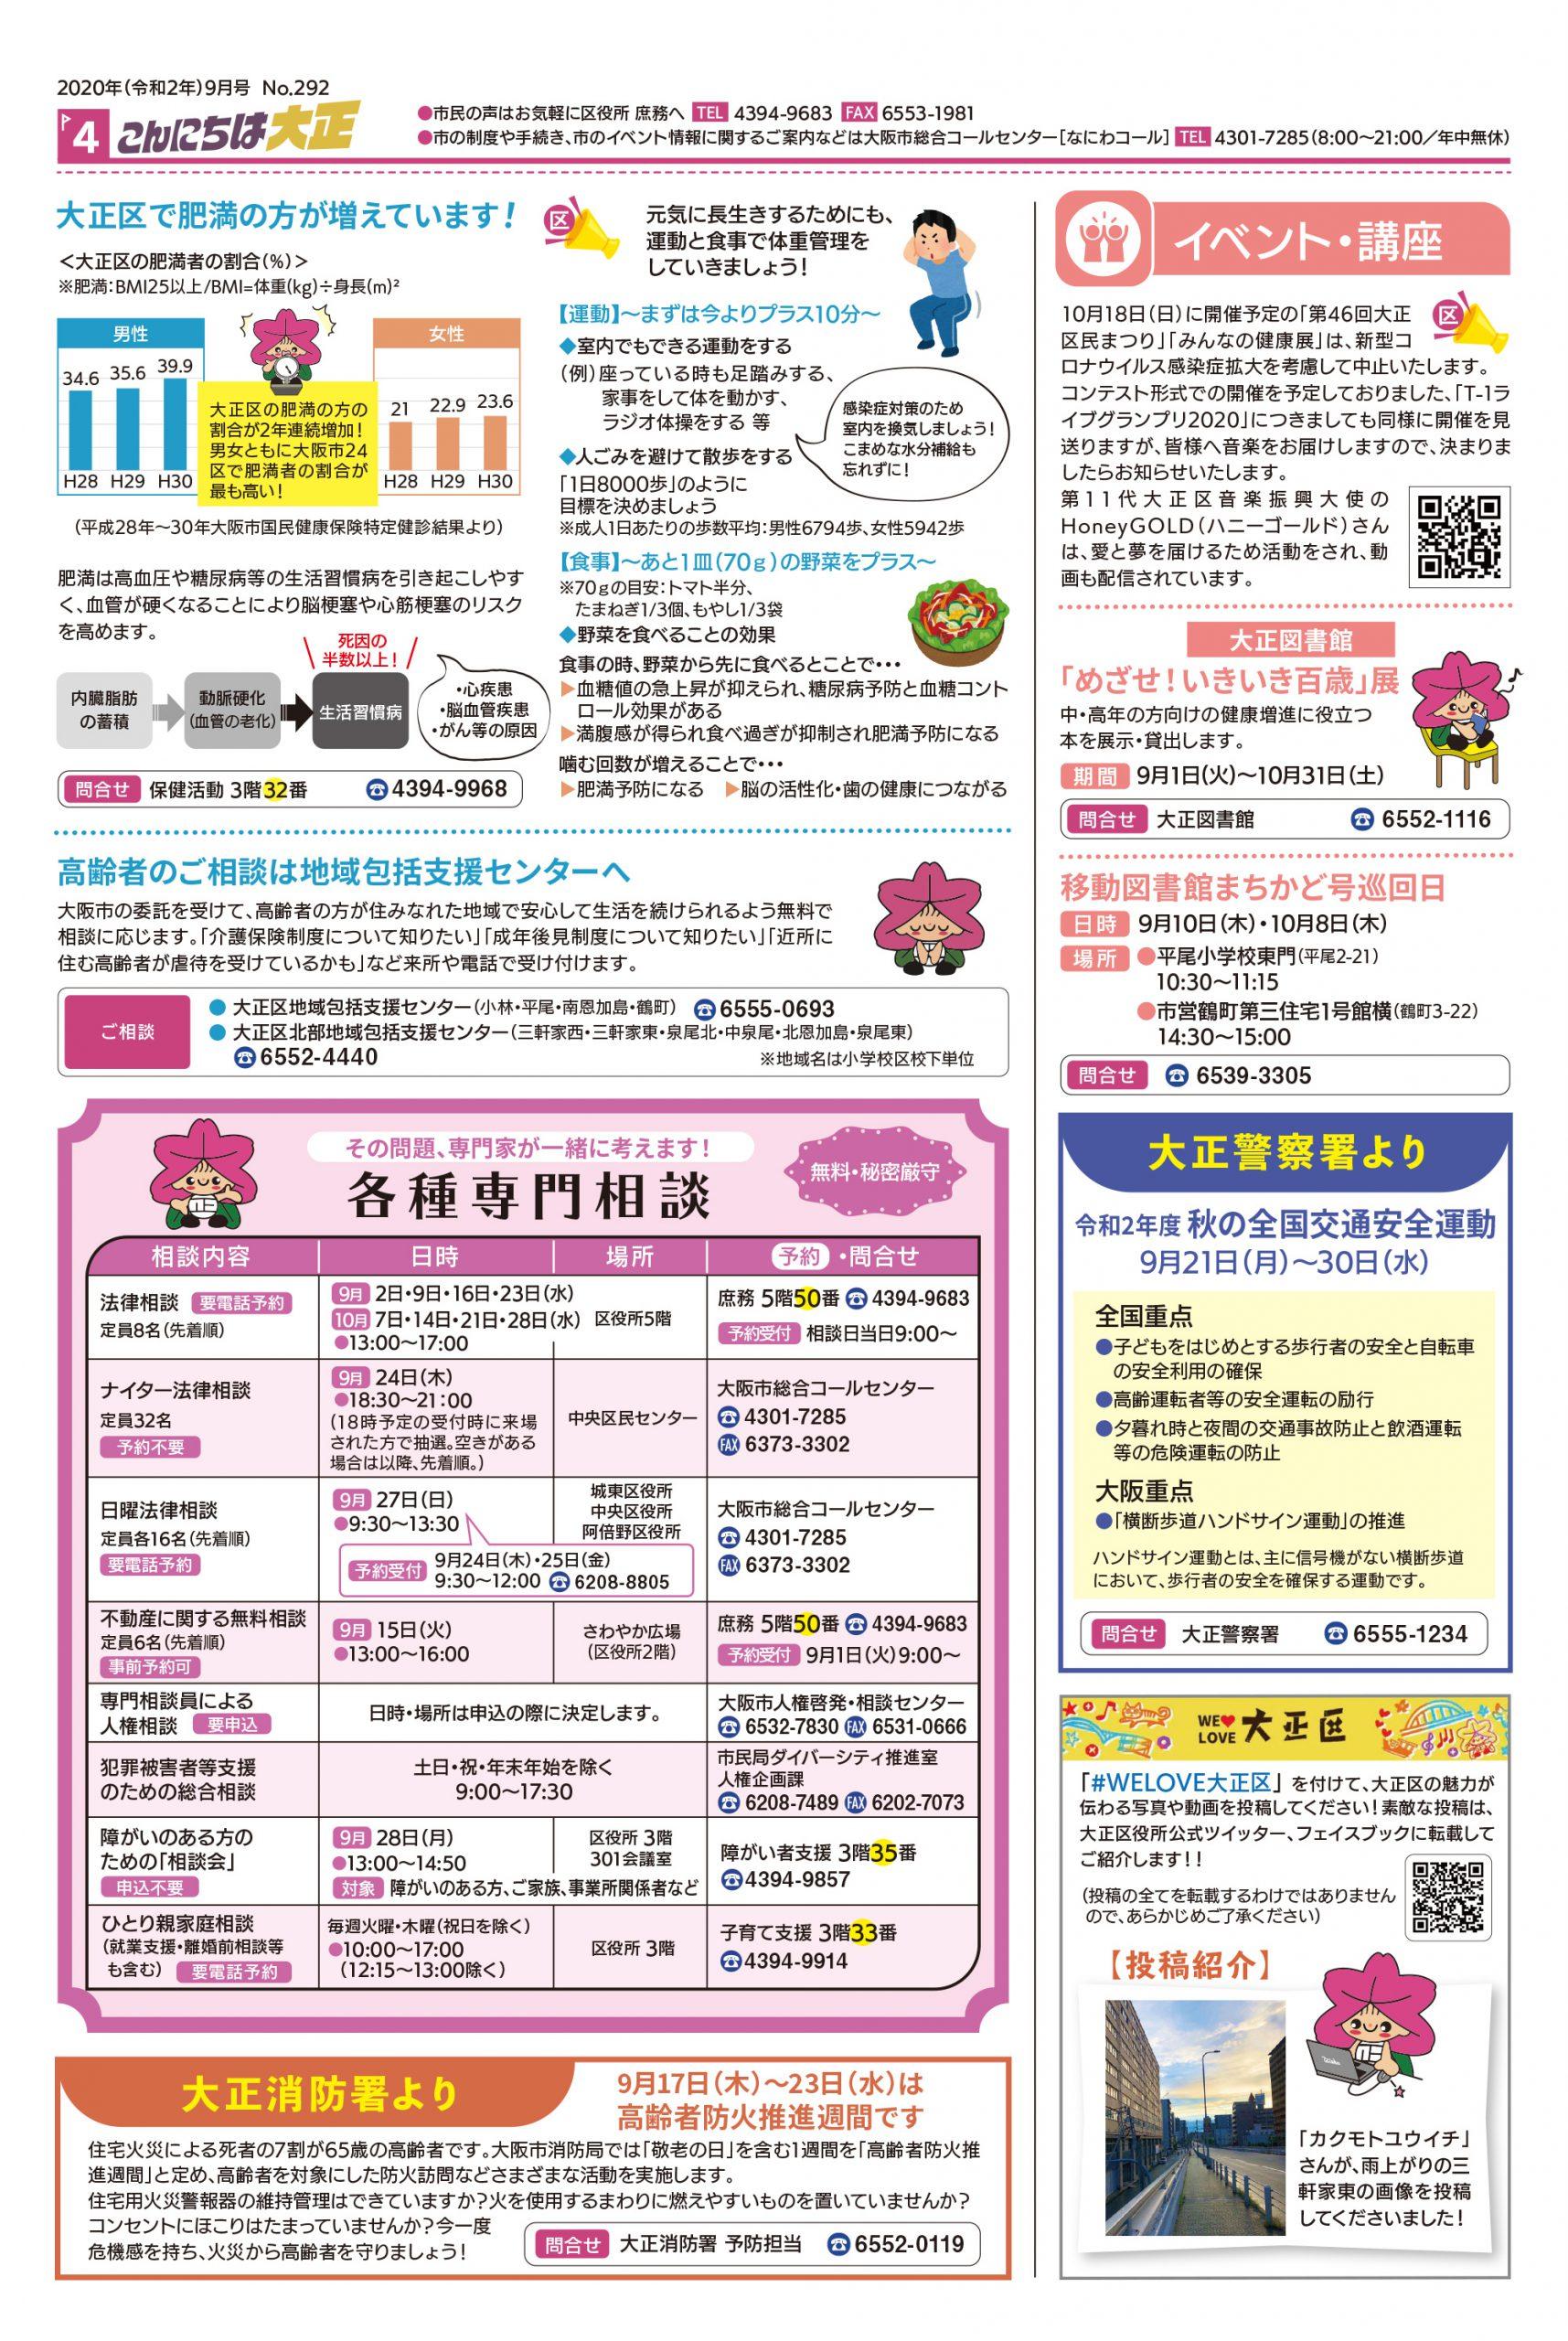 こんにちは大正9月号|2020.9 国勢調査の回答はインターネットで!(大阪市大正区)